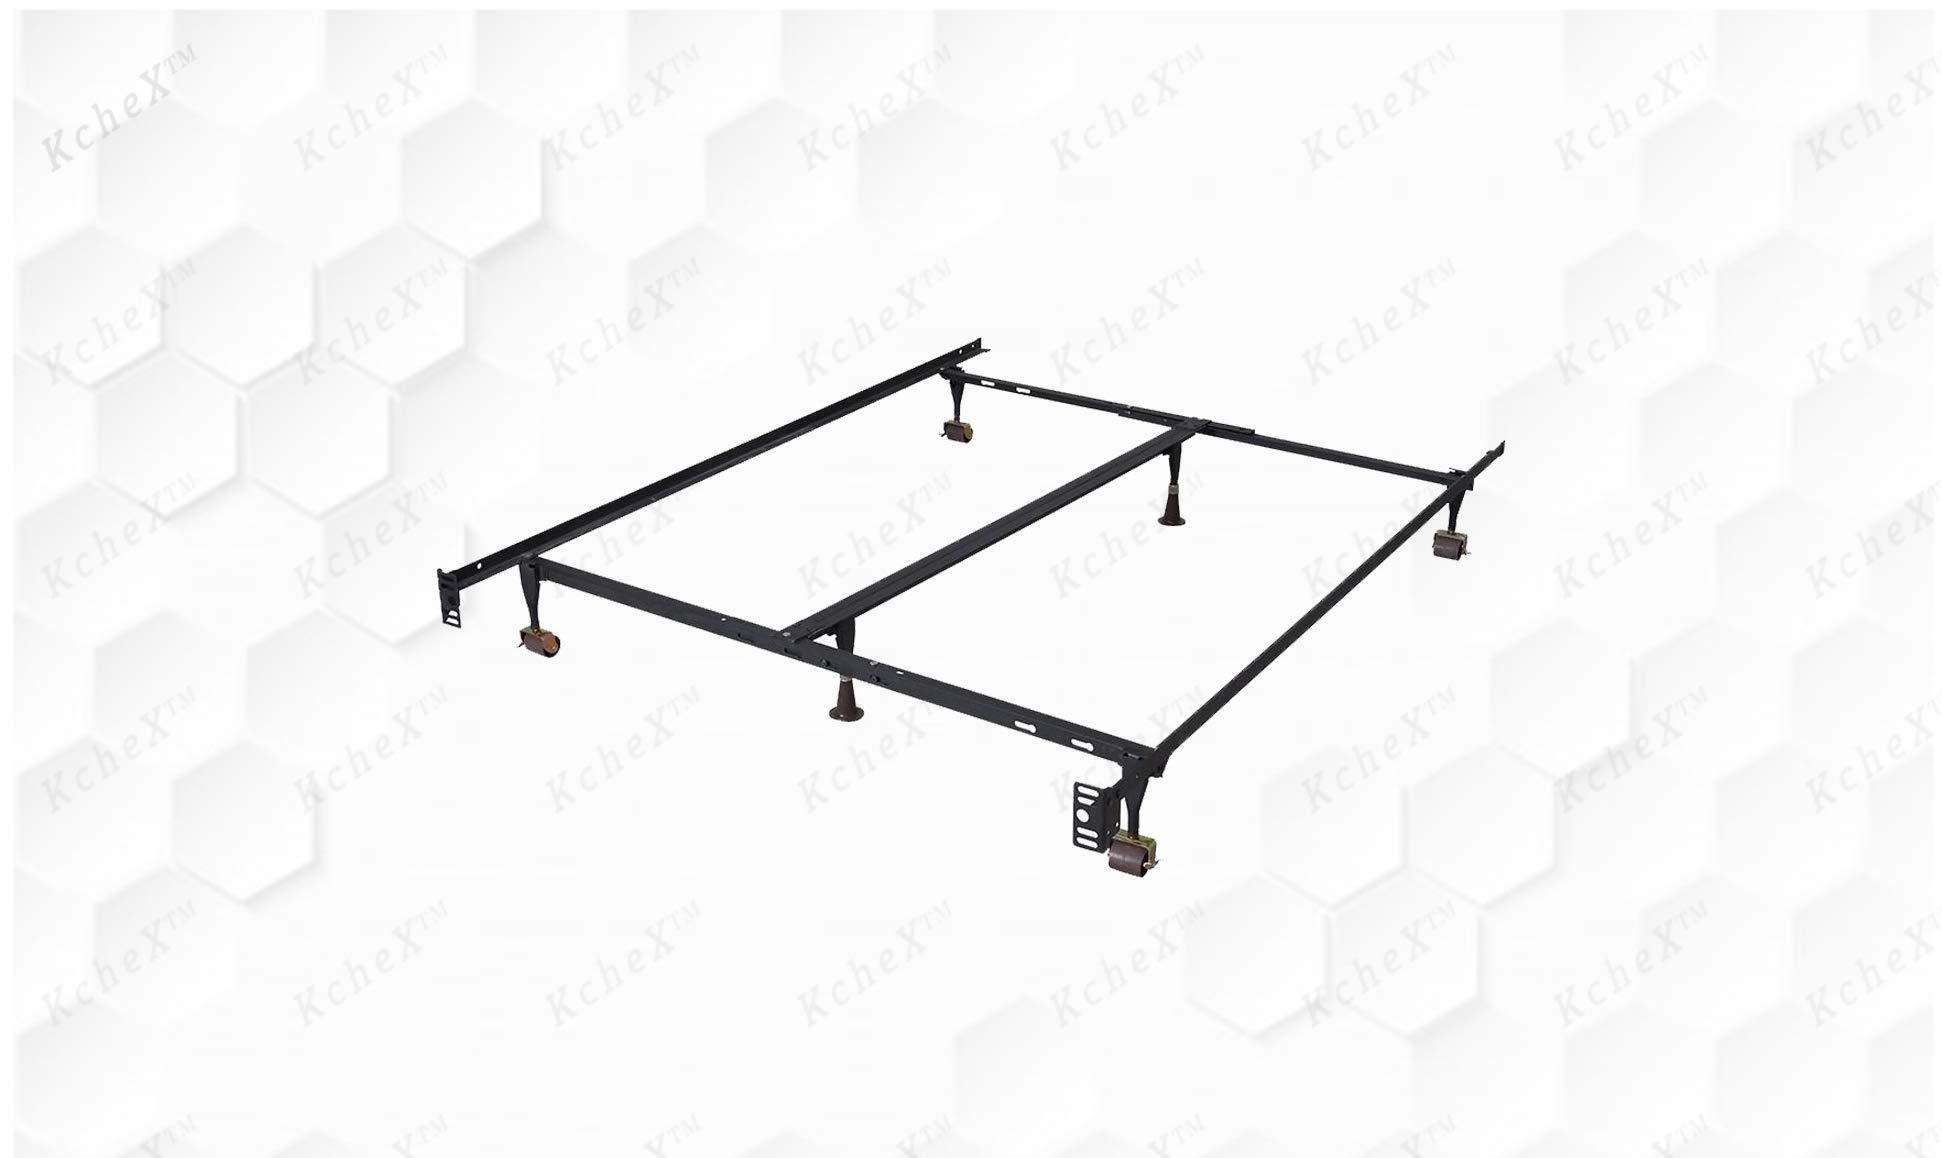 KCHEX__Metal Bed Frame